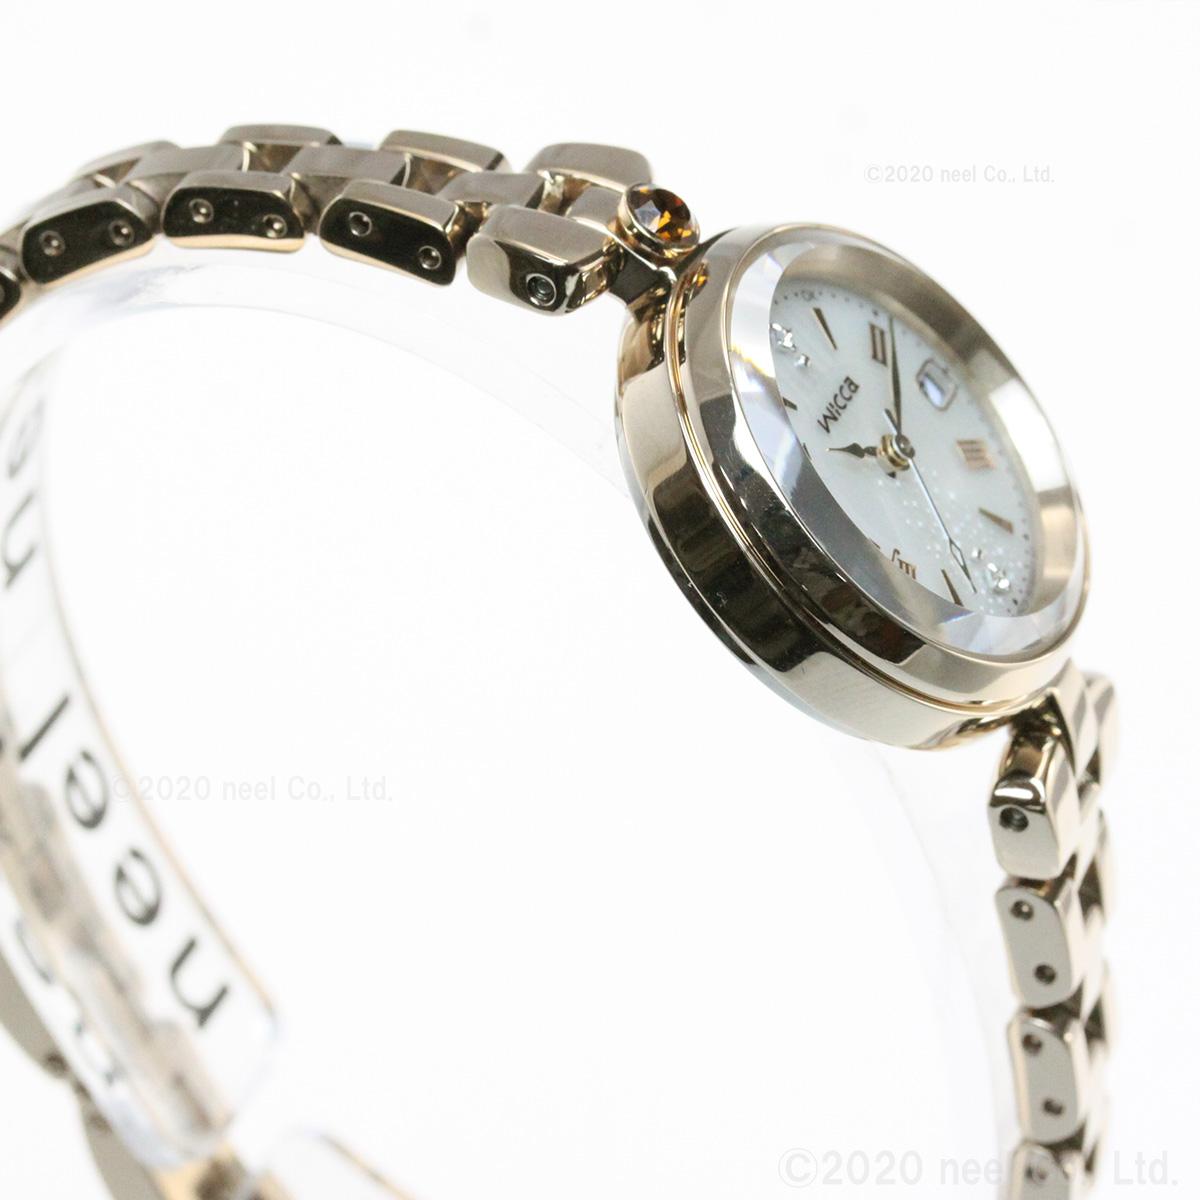 シチズン ウィッカ CITIZEN wicca ソーラーテック 電波時計 ティアラスターコレクション 「天使のはしご」 冬限定モデル 腕時計 レディース KS1-627-91